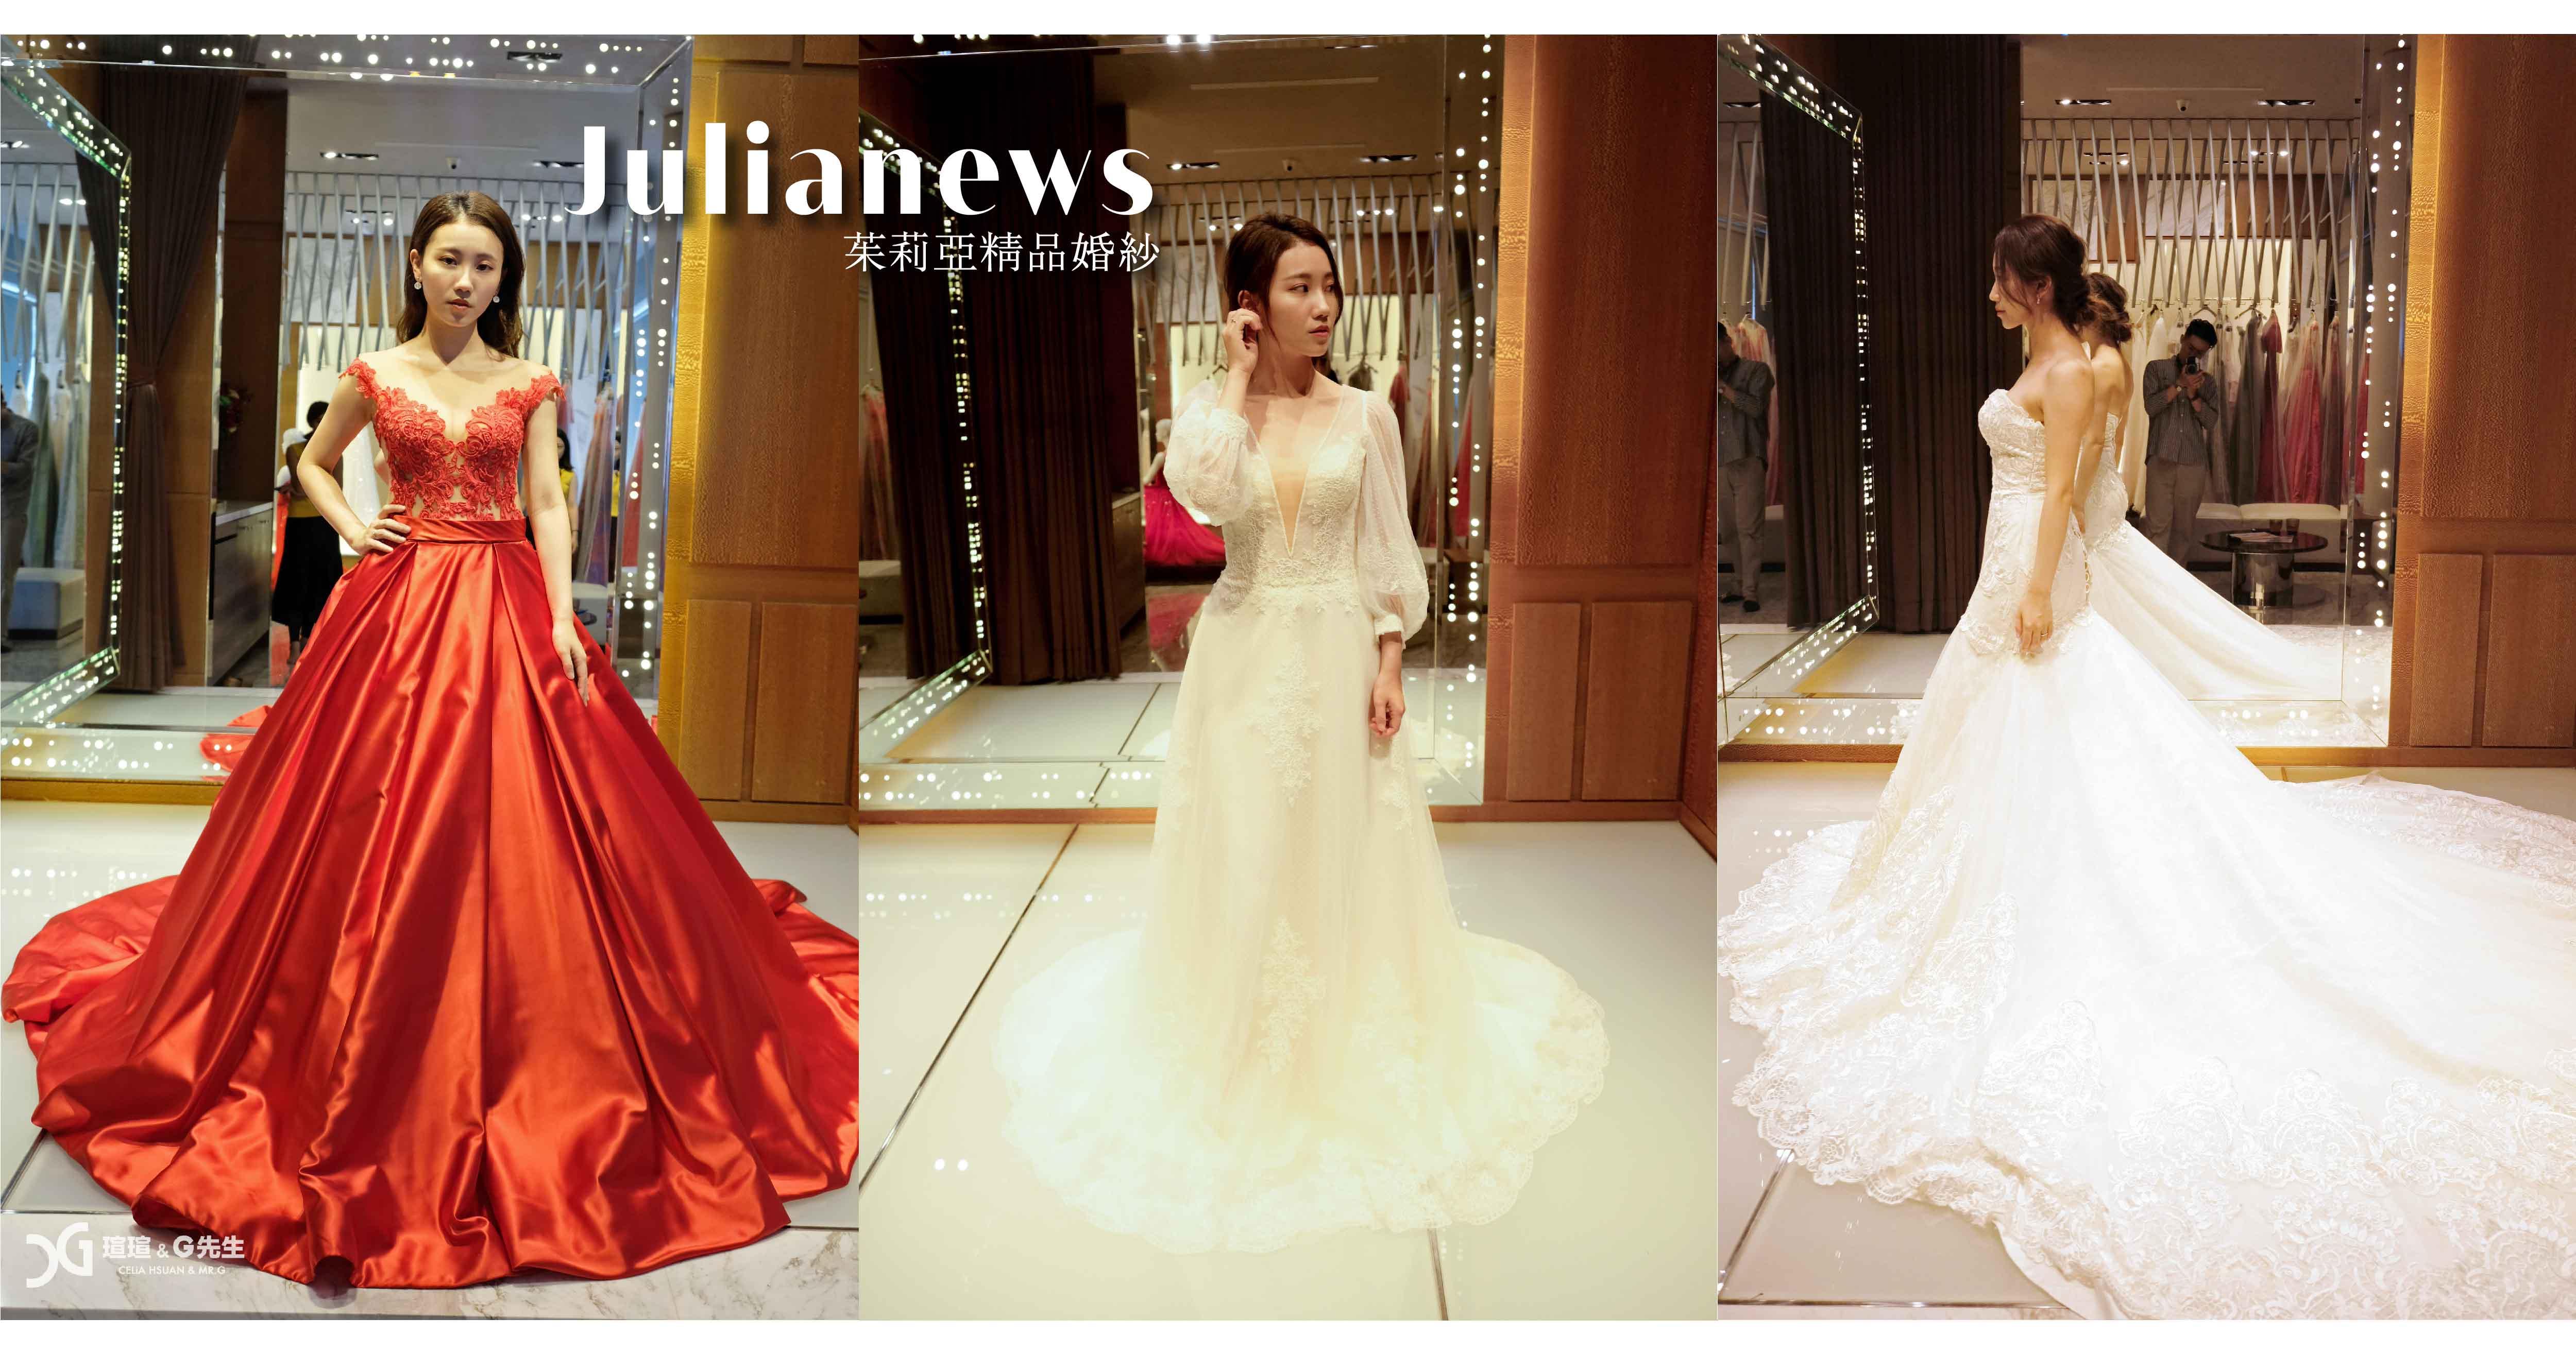 台中婚紗 茱莉亞精品婚紗